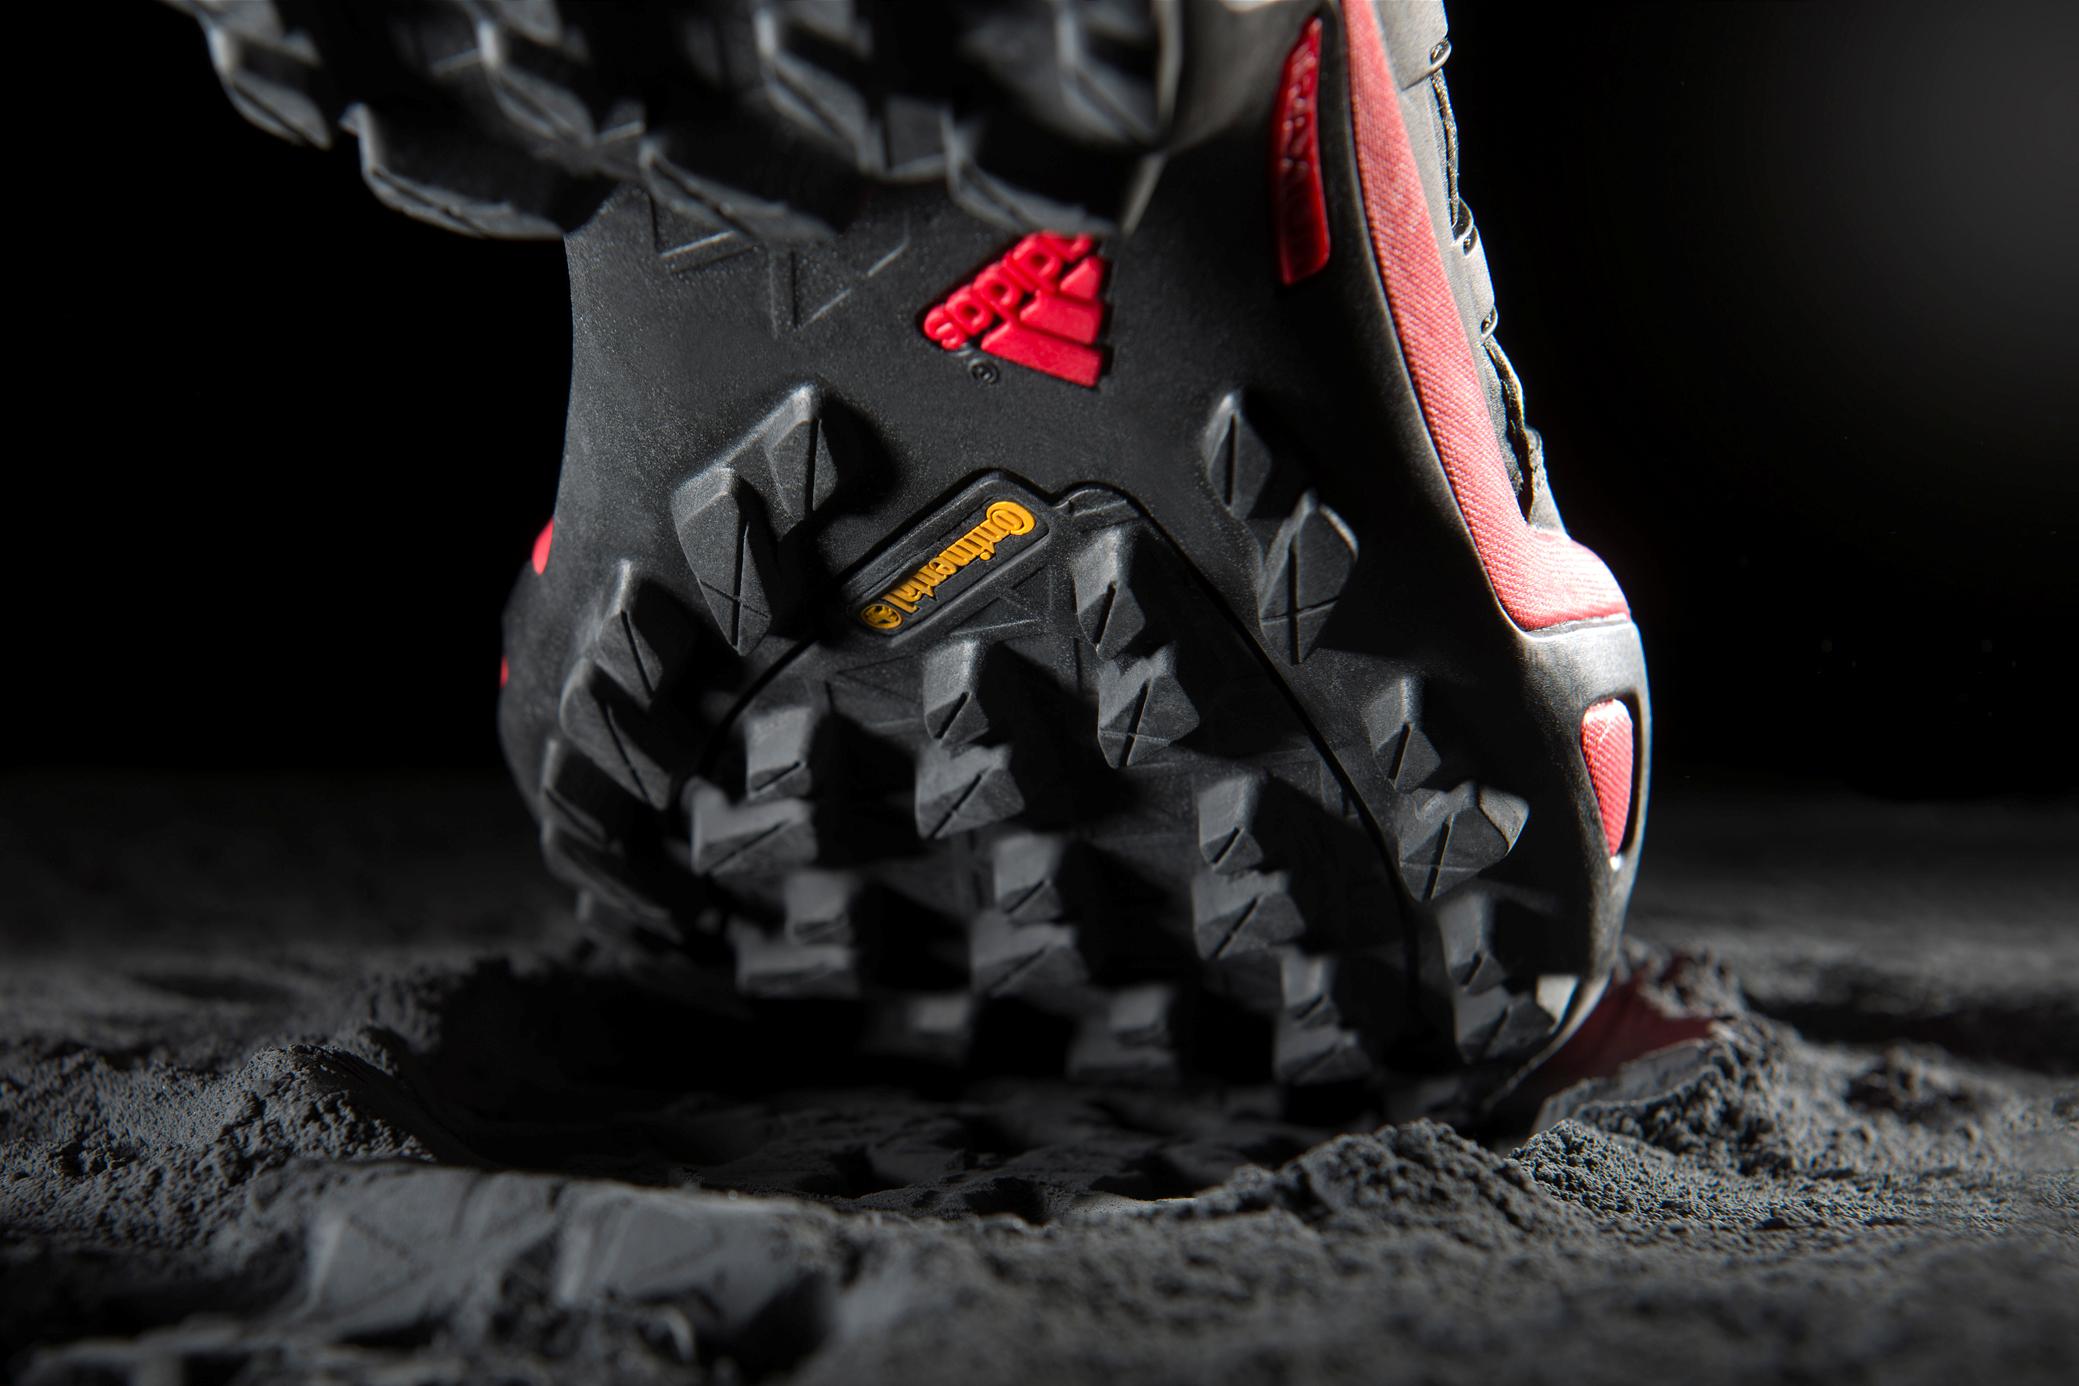 Continental Zu Für Kampagne Mehr Startet Adidas Grip Multimediale hrtCsQd